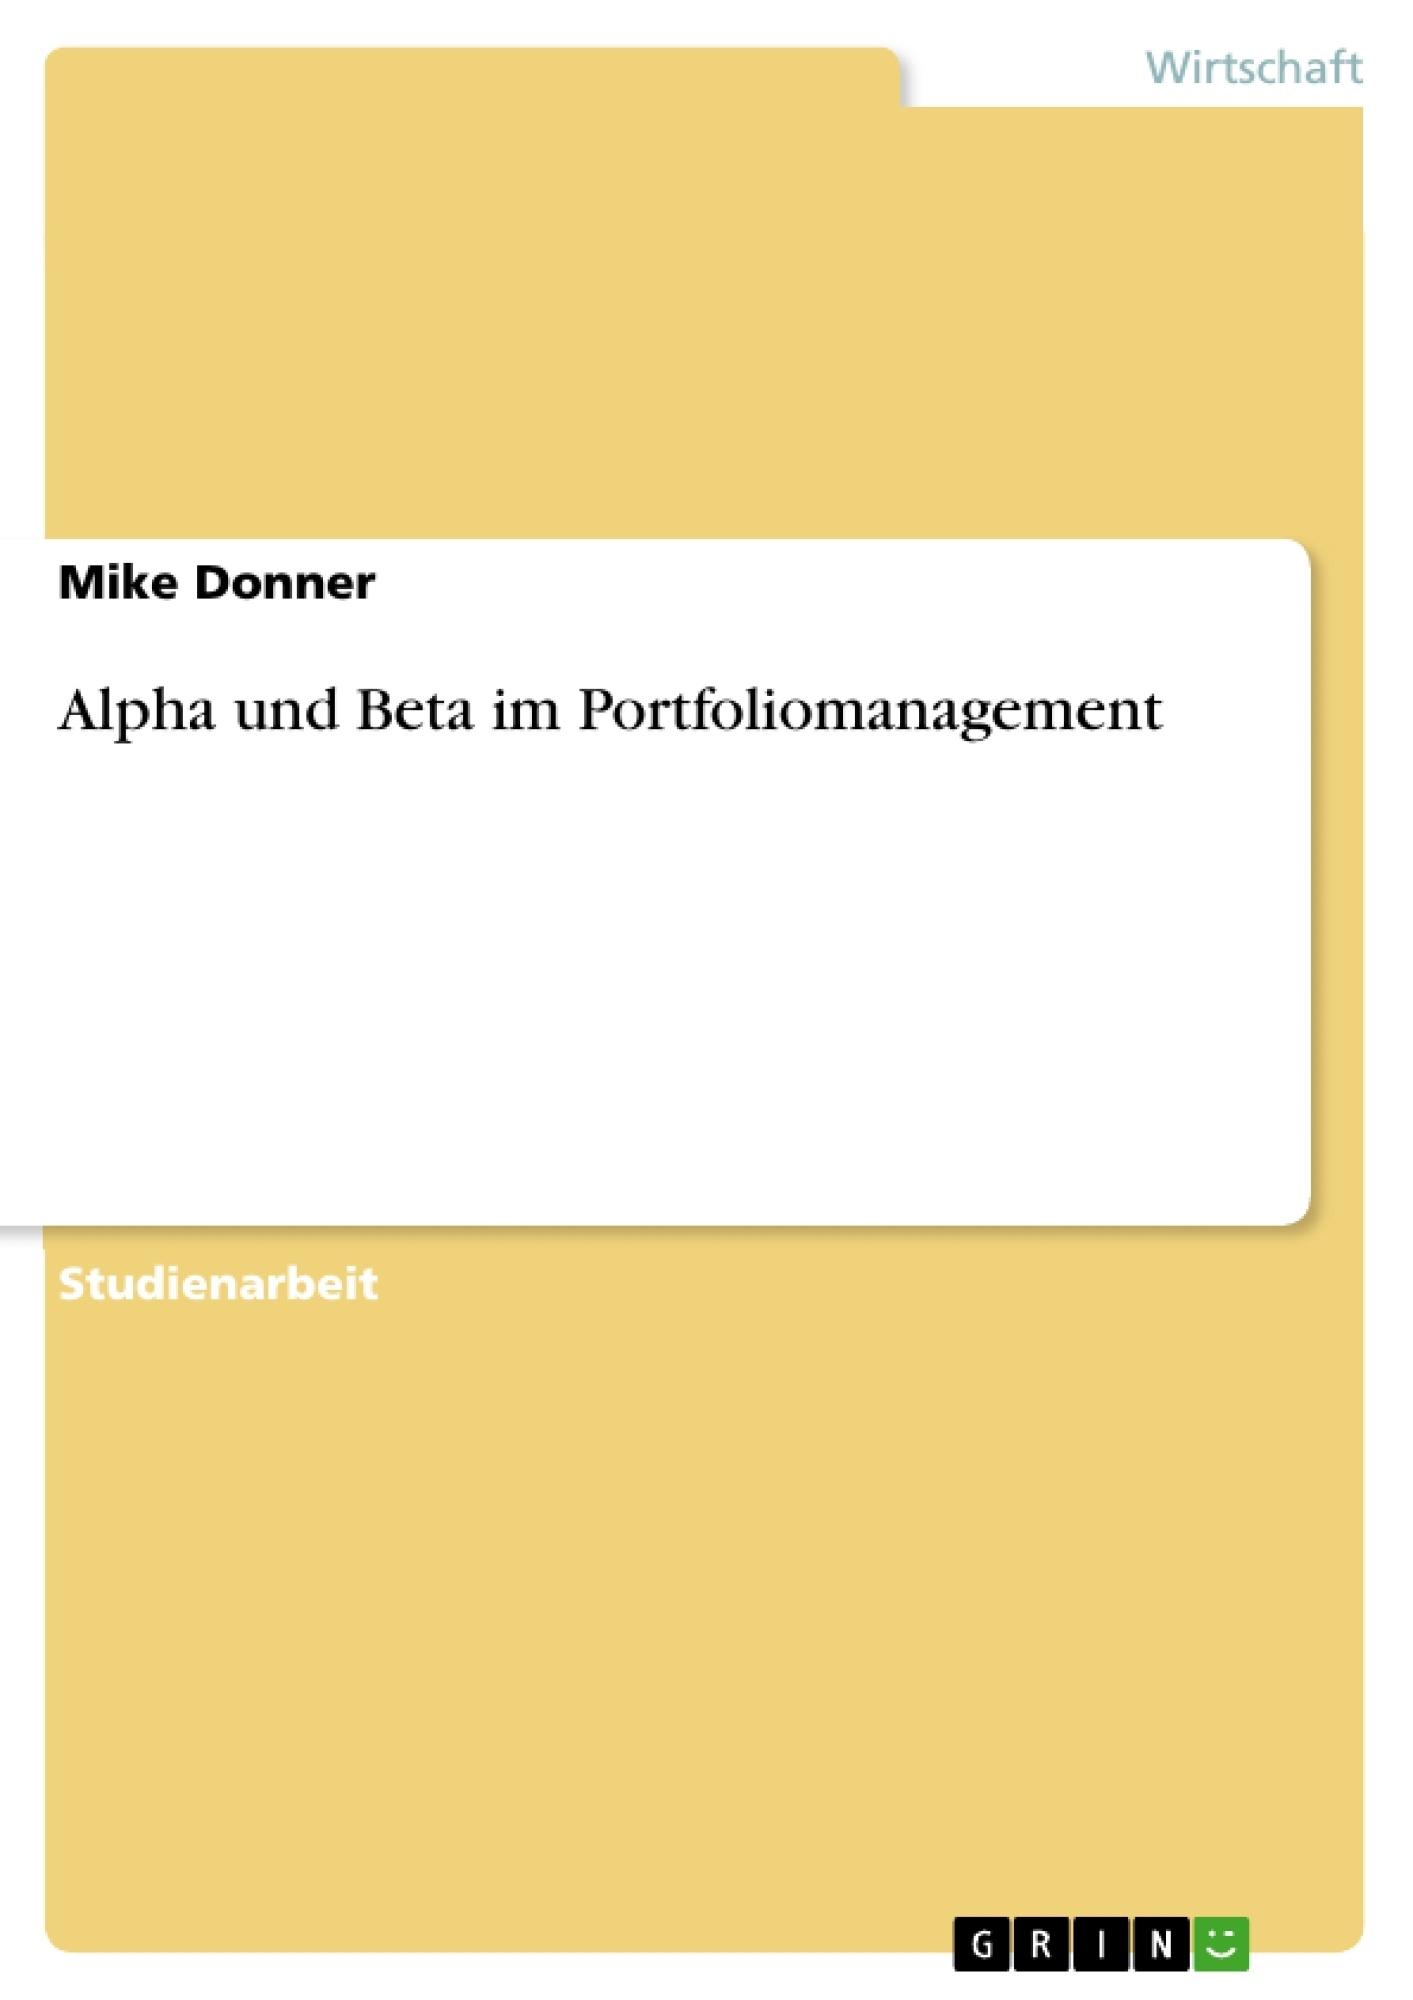 Titel: Alpha und Beta im Portfoliomanagement